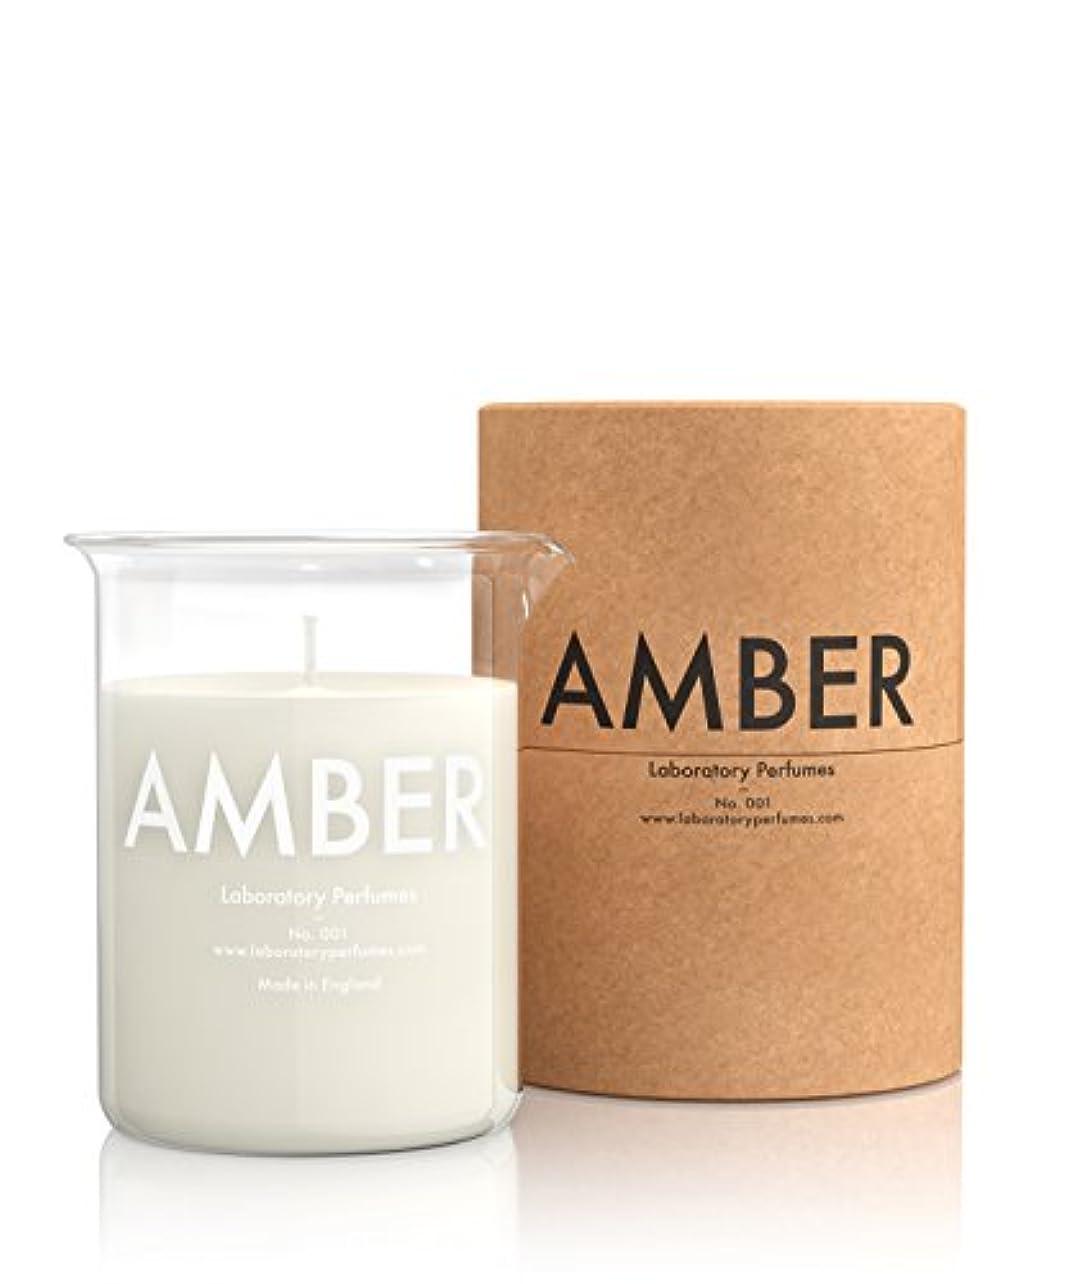 受取人もっと少なく偽善者Labortory Perfumes キャンドル アンバー Amber (フローラルウッディー Floral Woody) Candle ラボラトリー パフューム